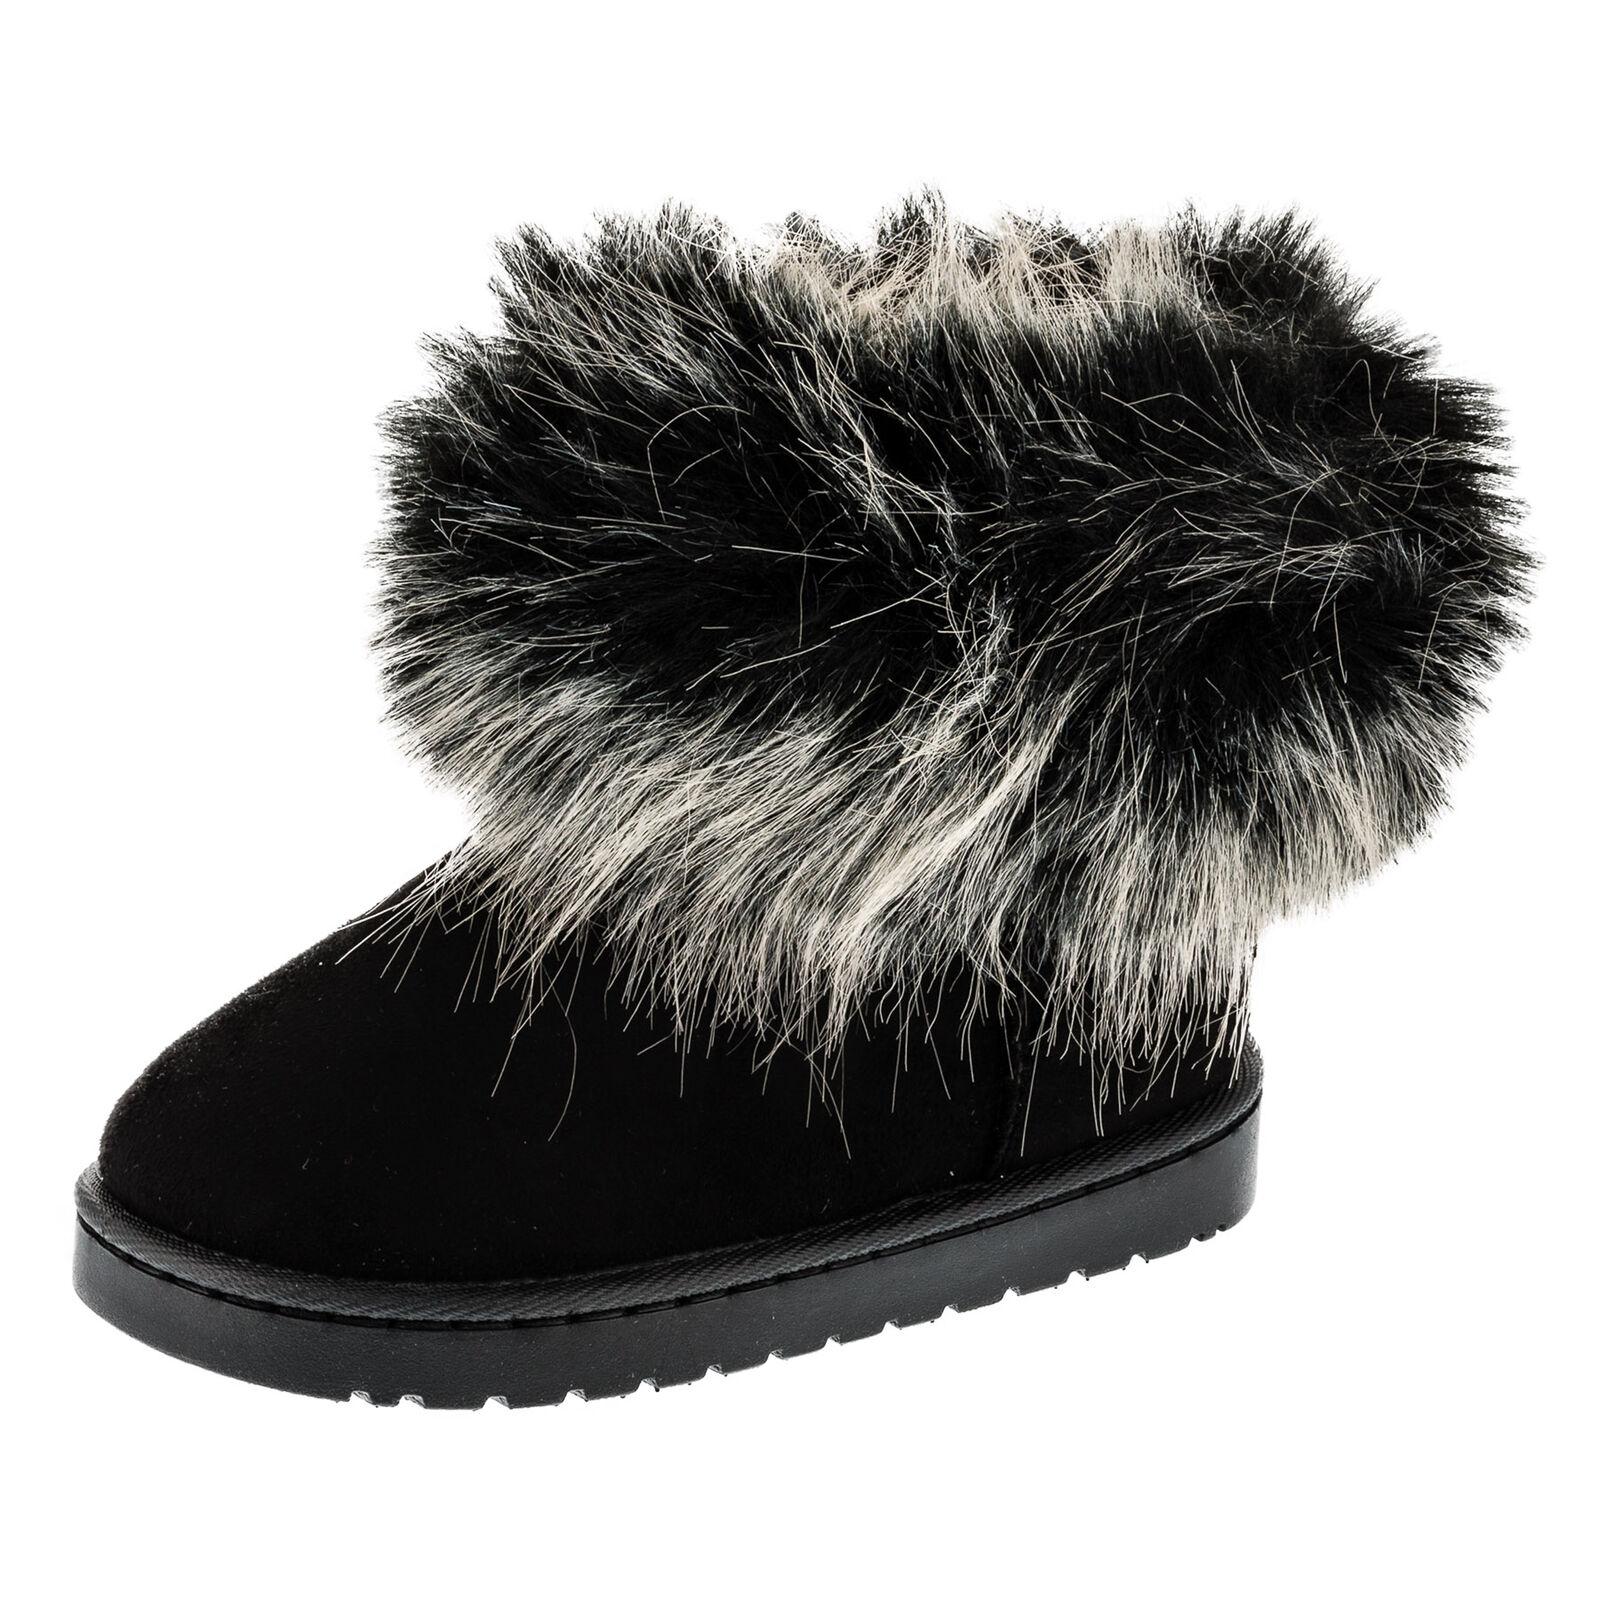 Gefütterte Mädchen Stiefel Winter Schuhe Boots Stiefelette ... 3c767ed96c